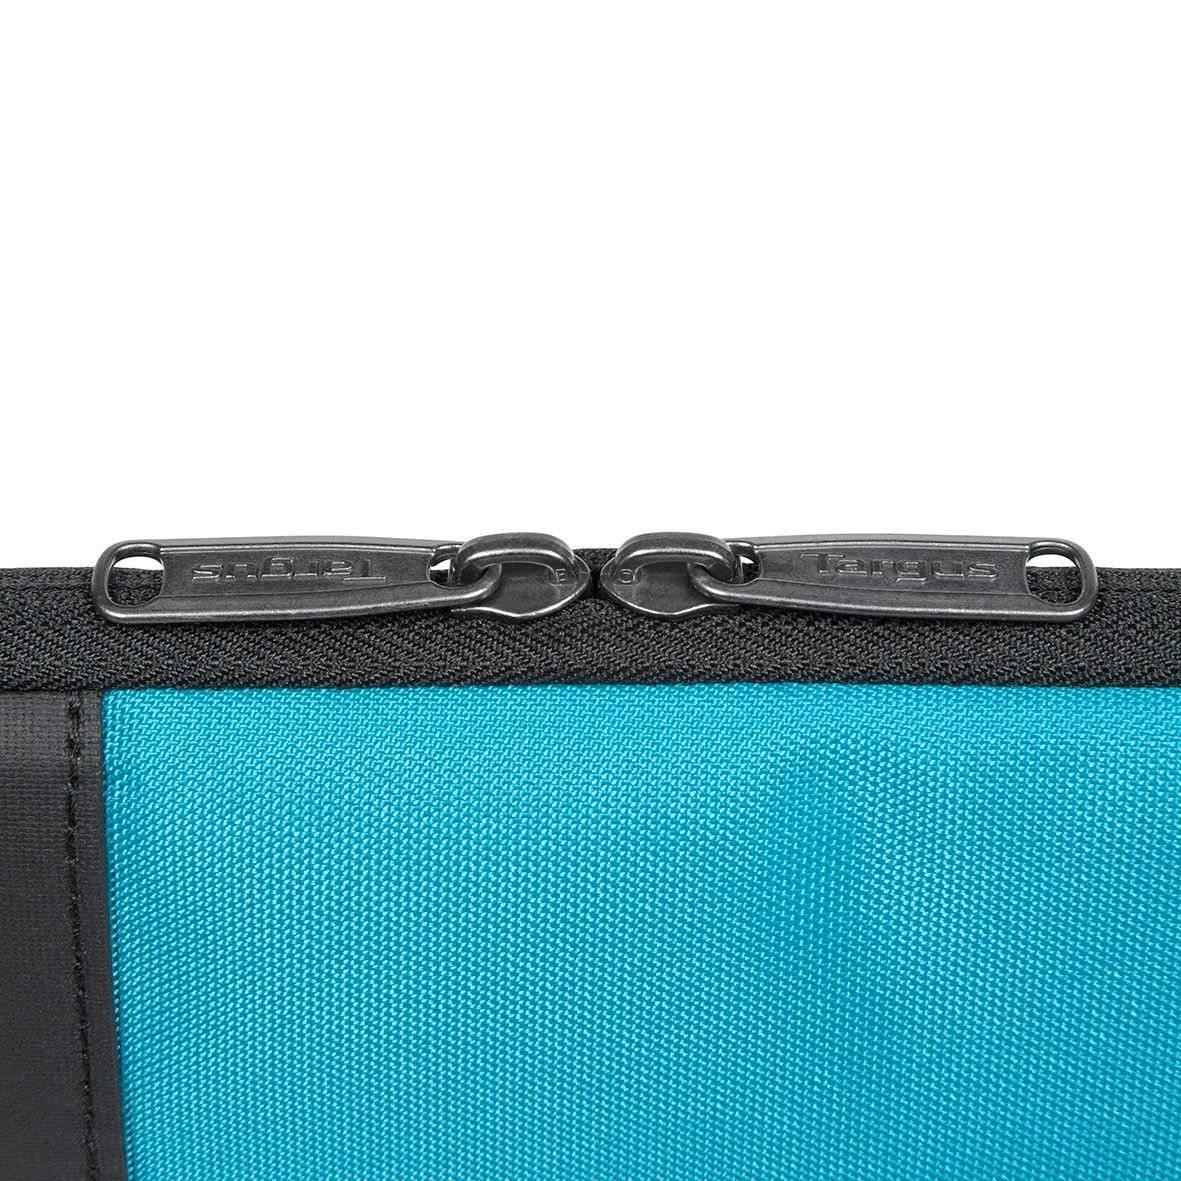 """Чехол для ноутбука 15.6"""" Targus TSS95102EU черный/синий - фото 5"""